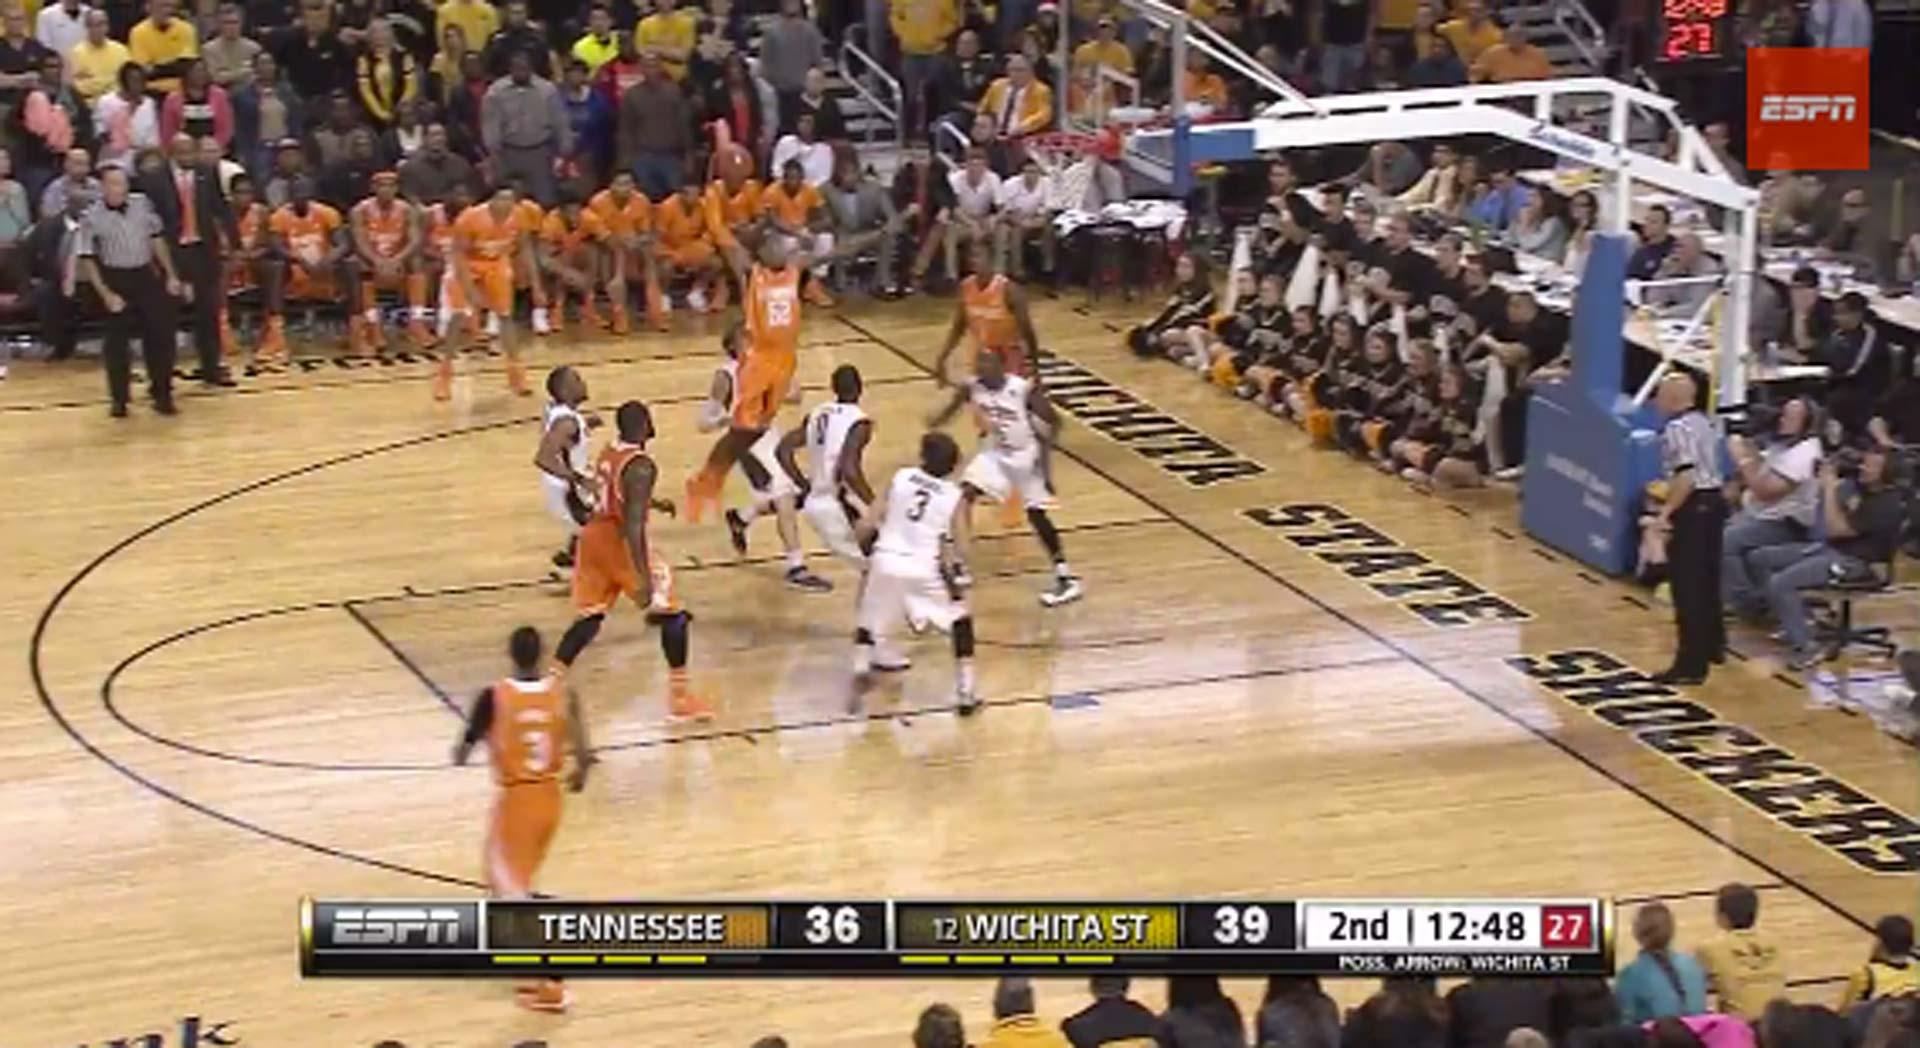 Jordan-McRae-dunk-Tennessee-Wichita-State